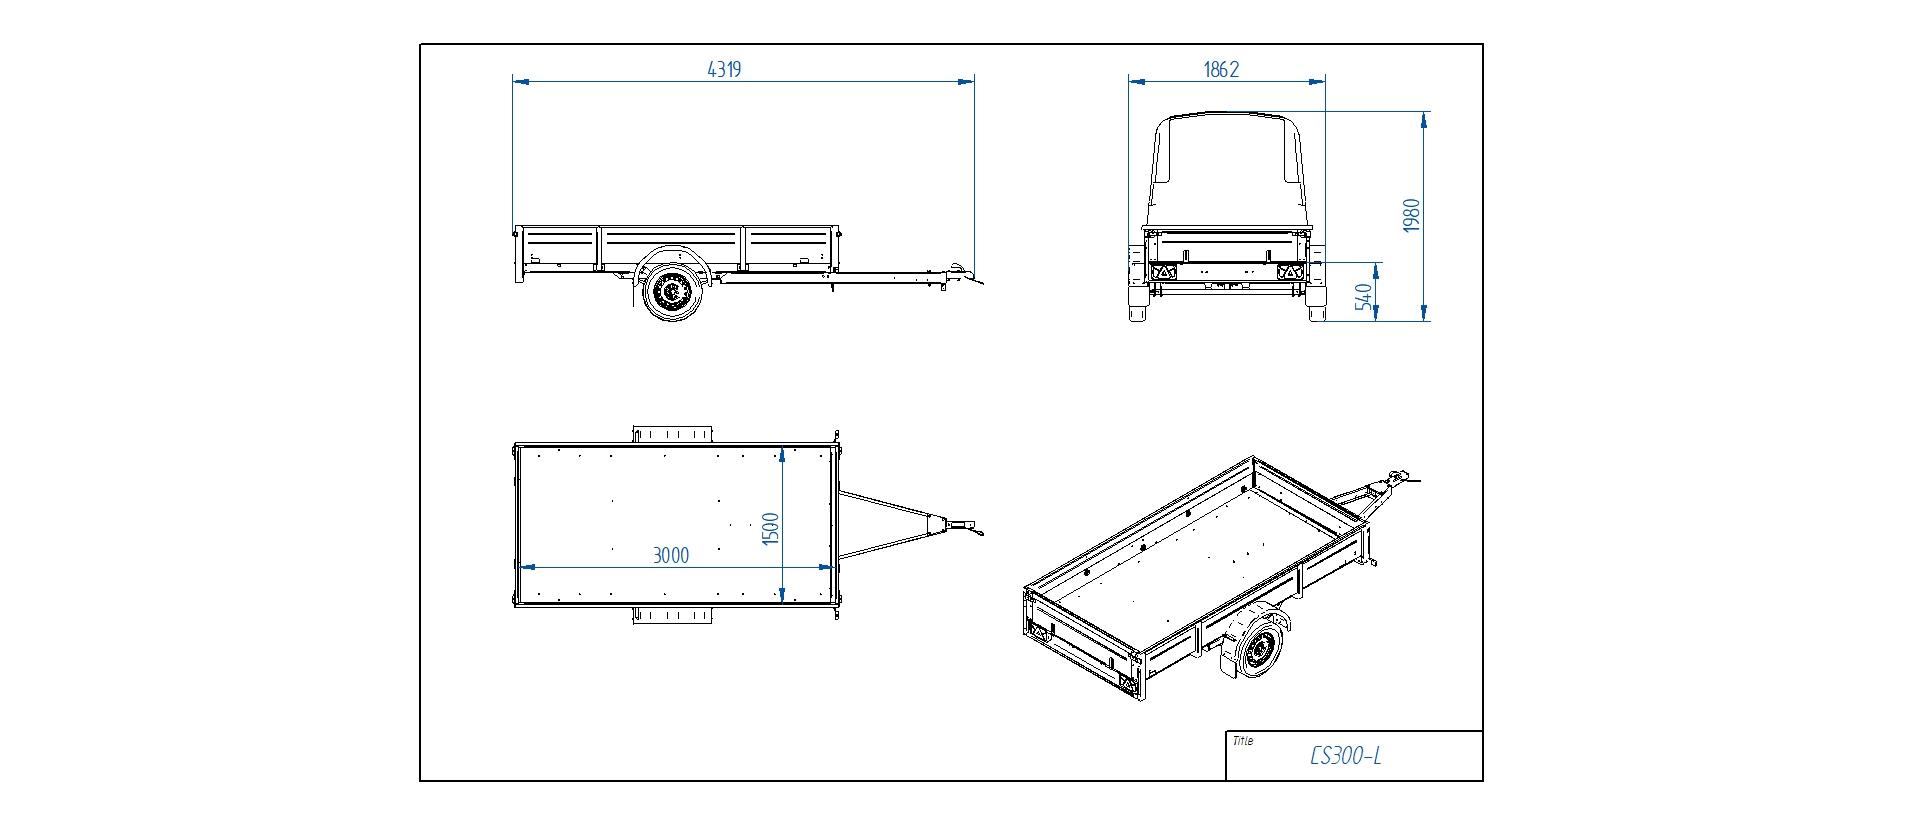 CS300-L [Priekabų standartinė įranga gali skirtis nuo pavaizduotos komplektacijos paveiksliuke]